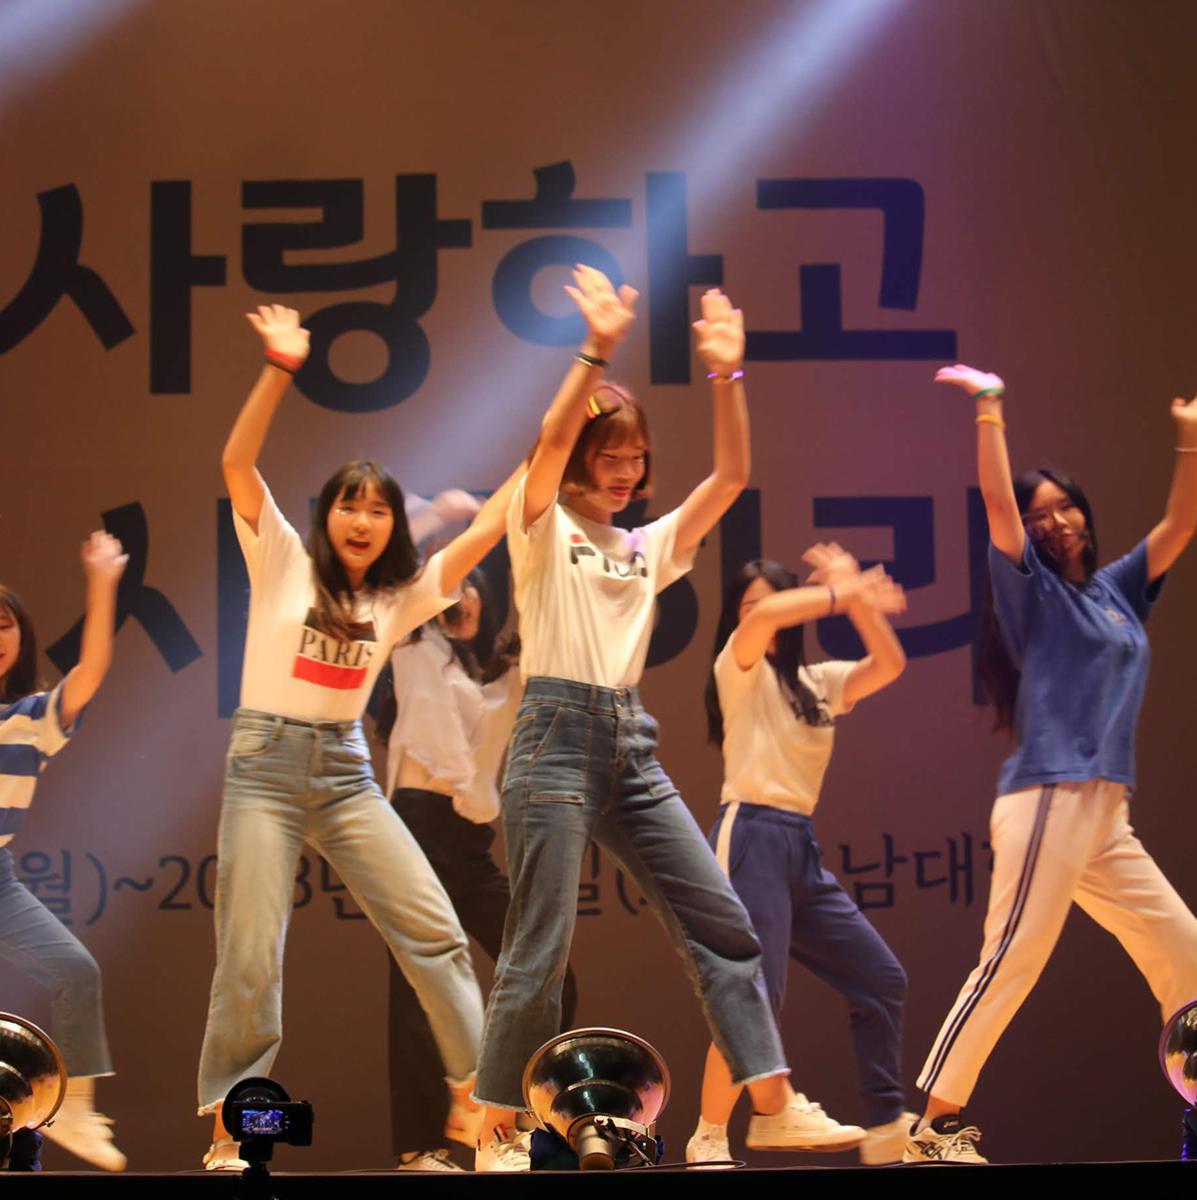 버라이어티 쇼에서 춤추는 참가자들 1